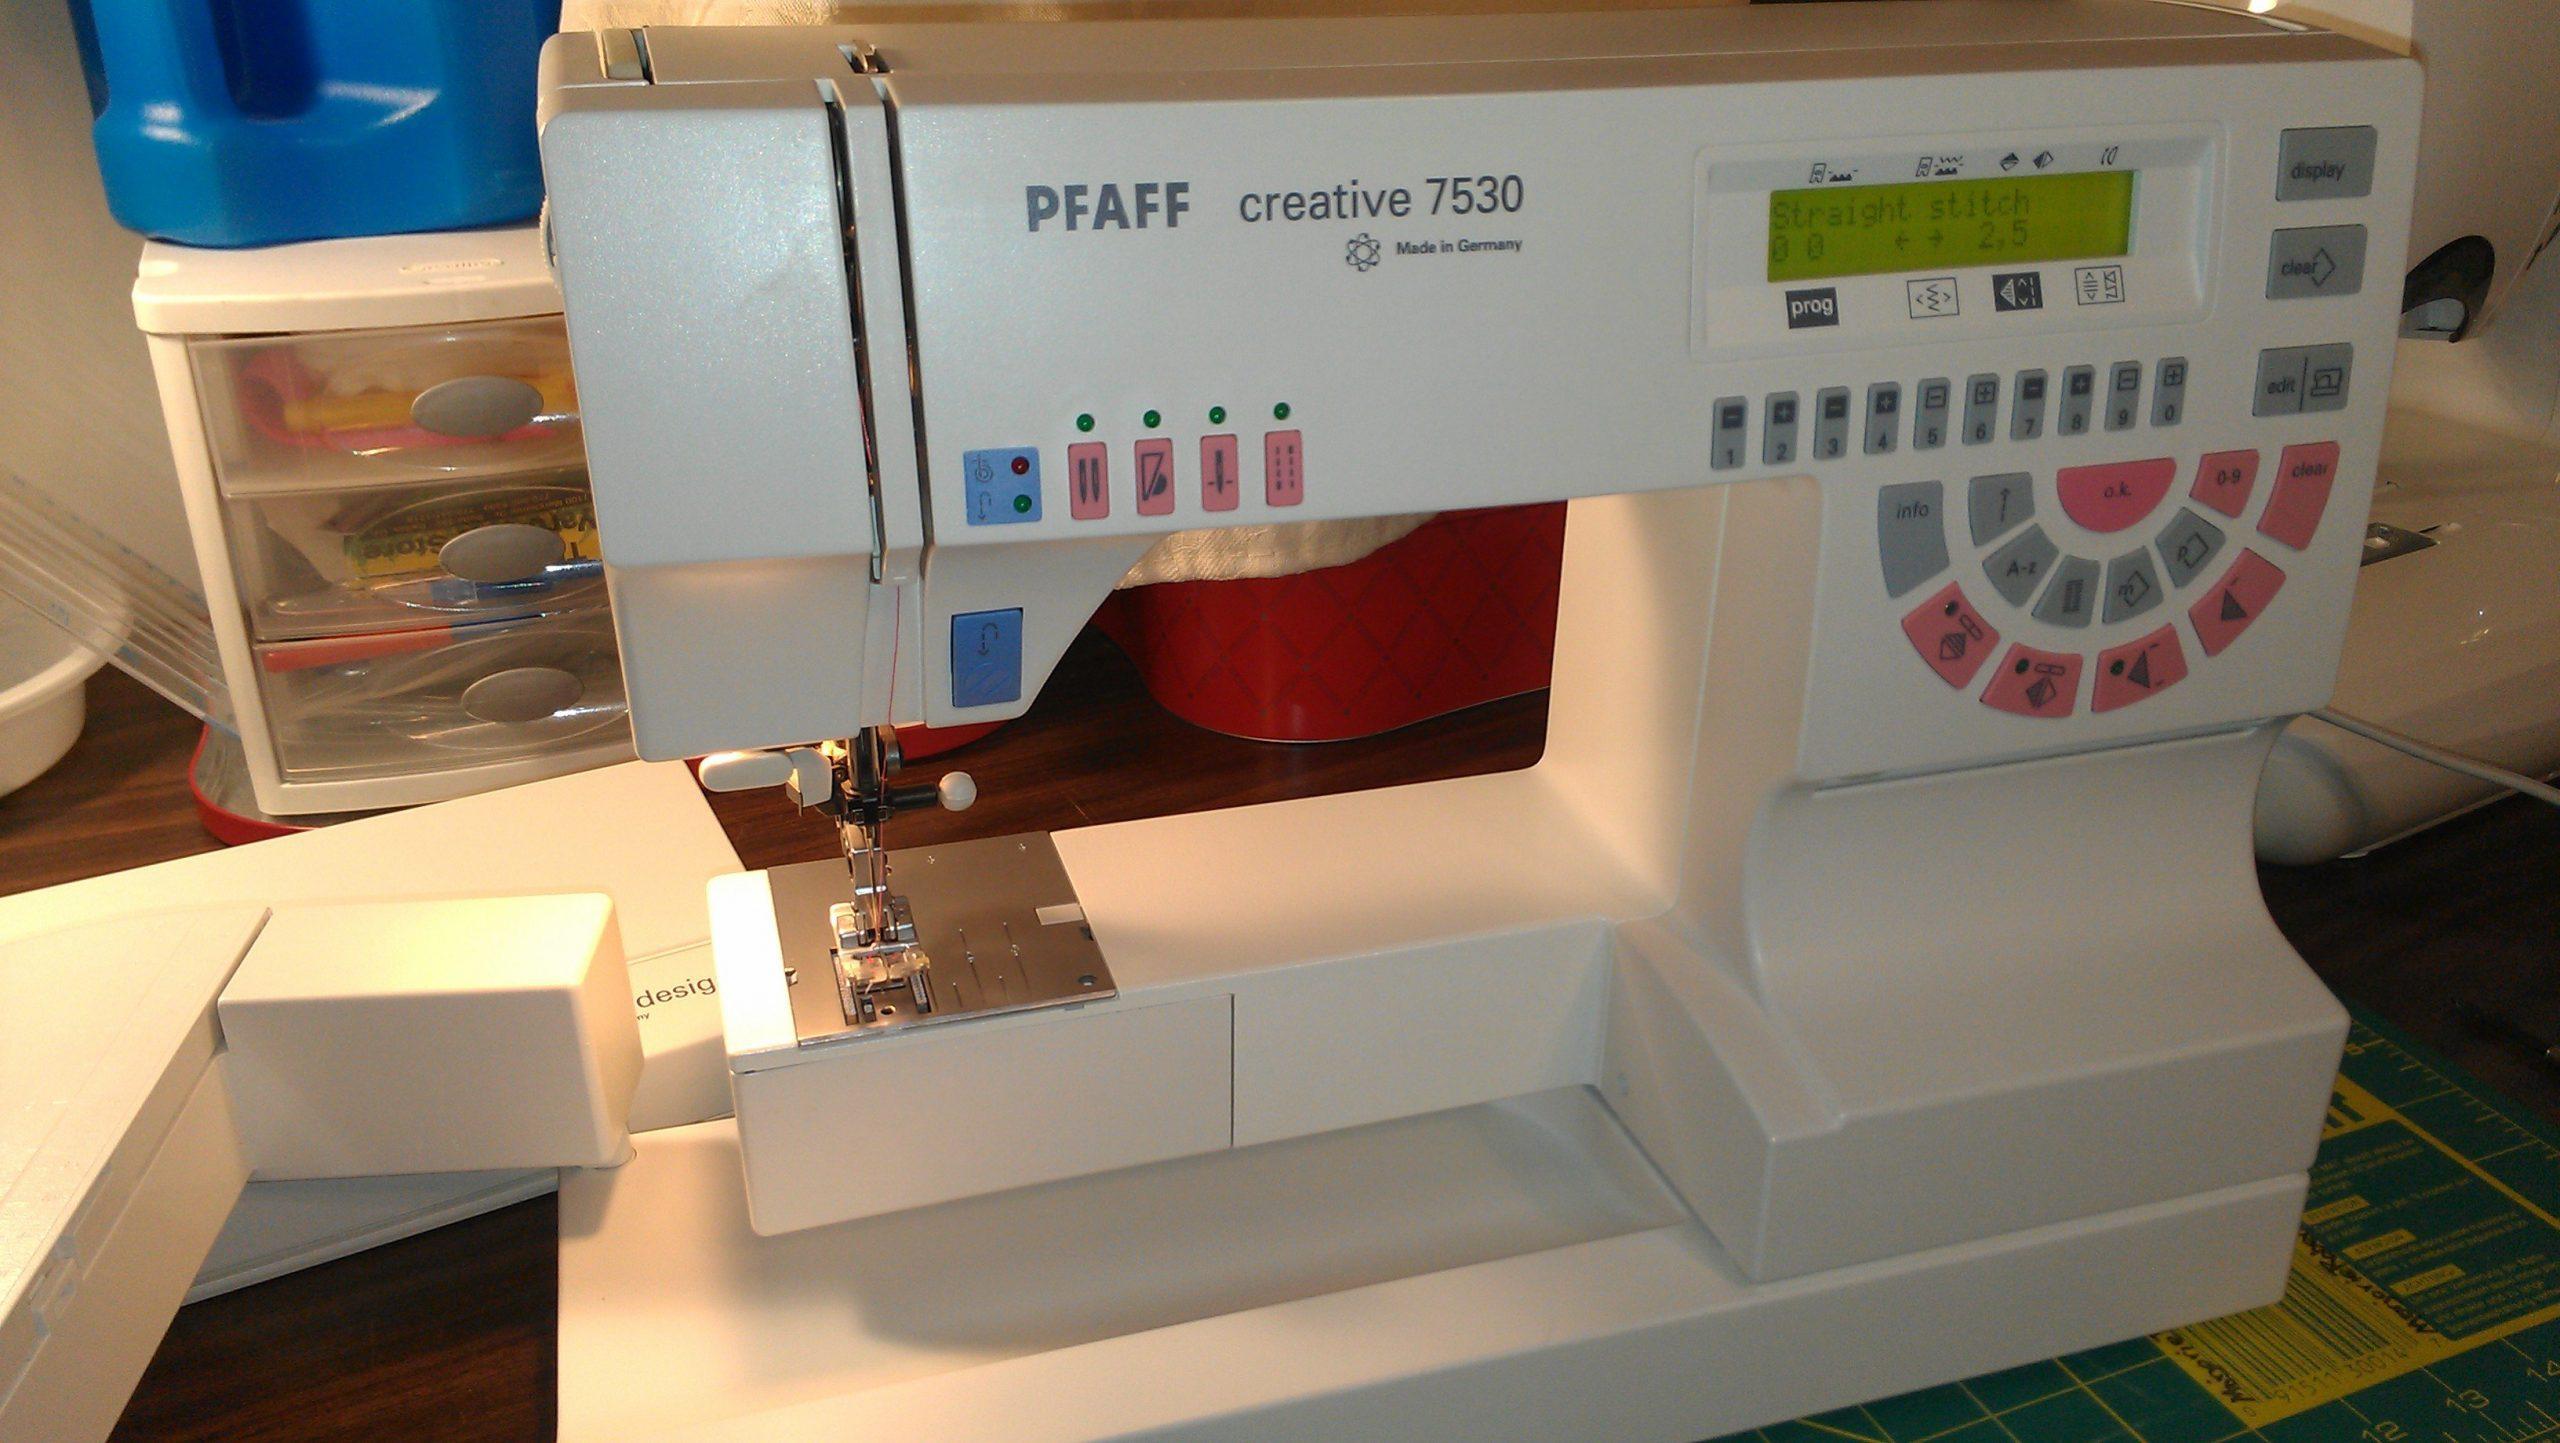 Pfaff 7530